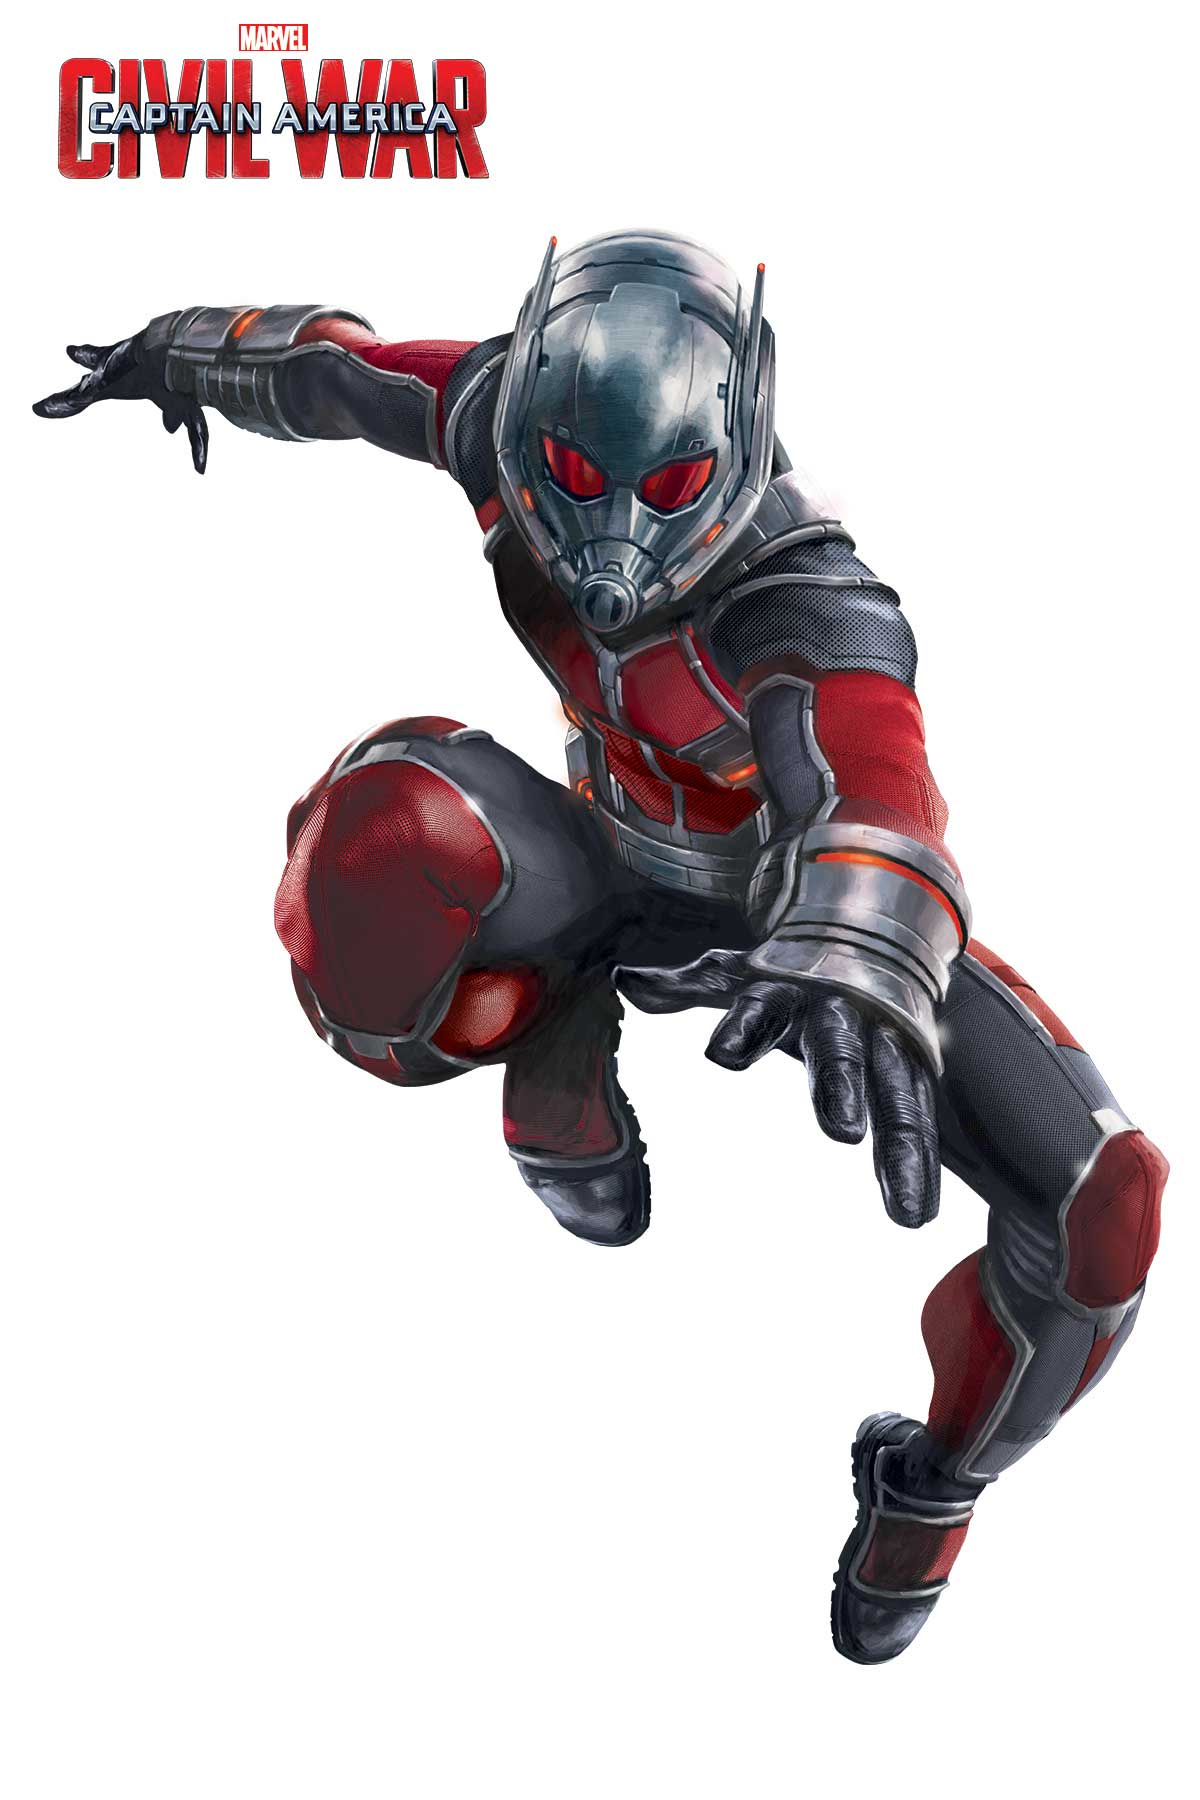 [Obrazek: Captain-America-Civil-War-promo-image-Ant-Man.jpg]